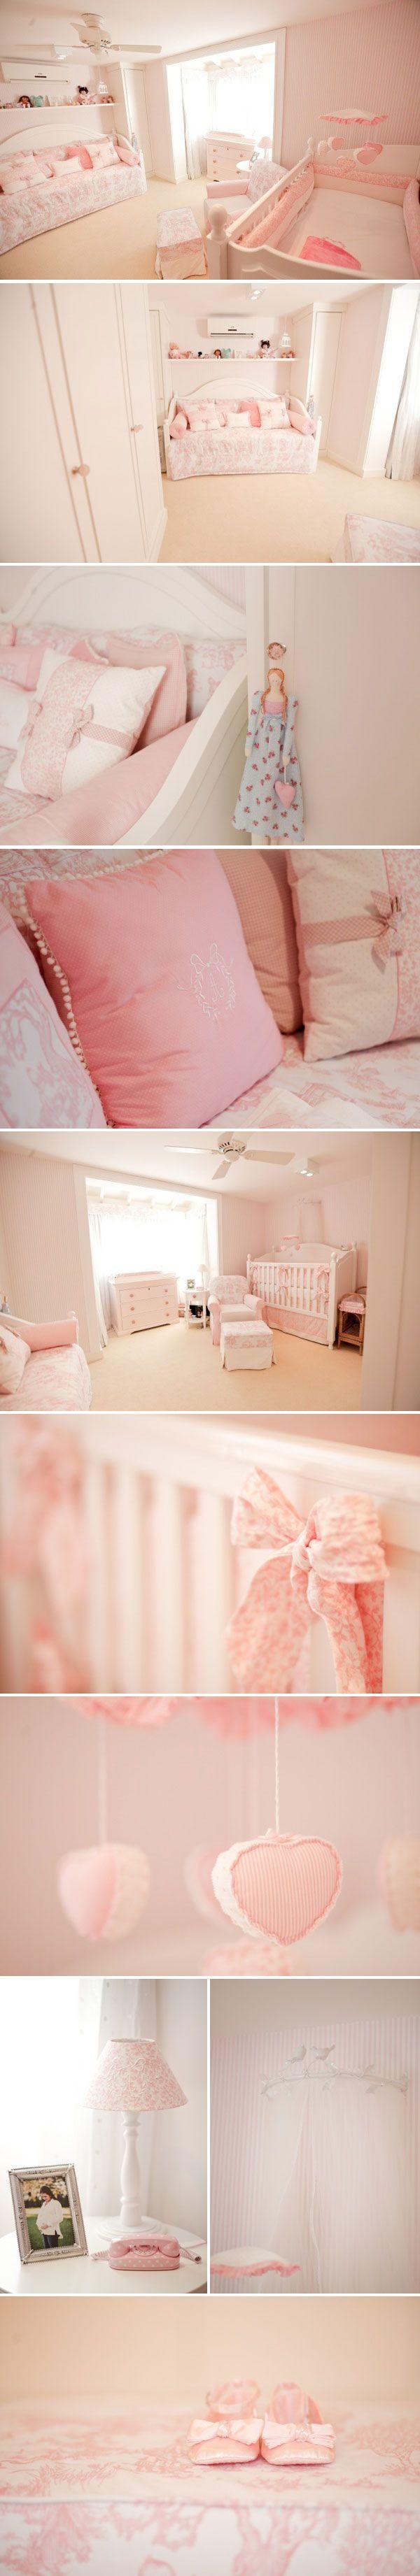 Decor do quartinho da Alice #decor #baby